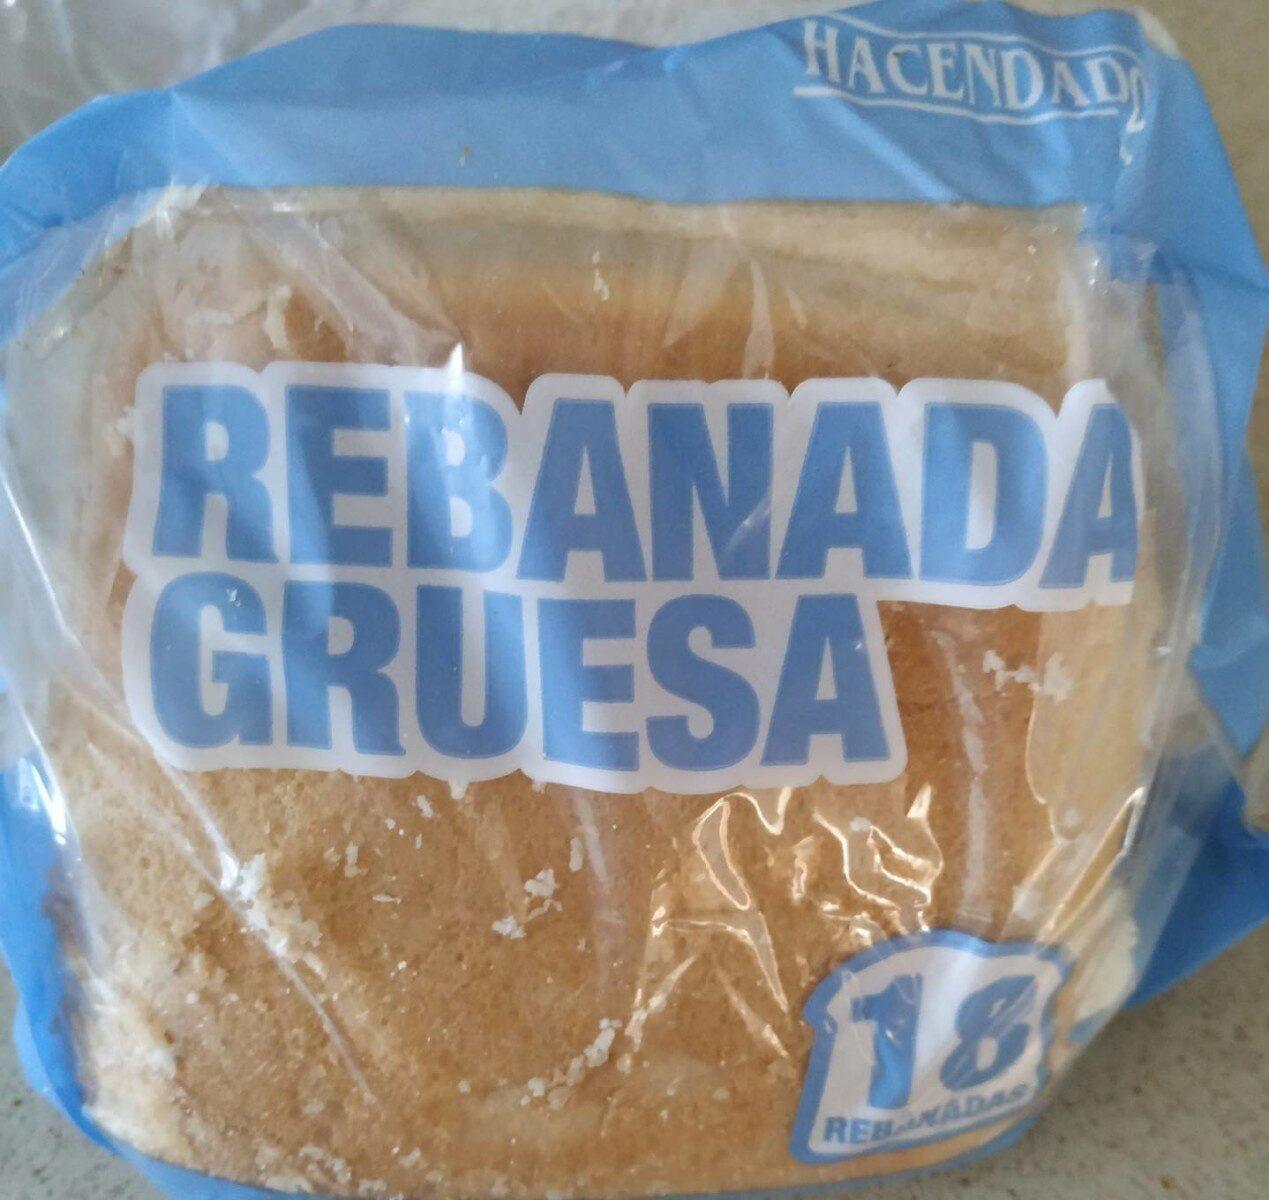 Pan de molde rebanada gruesa - Producto - es